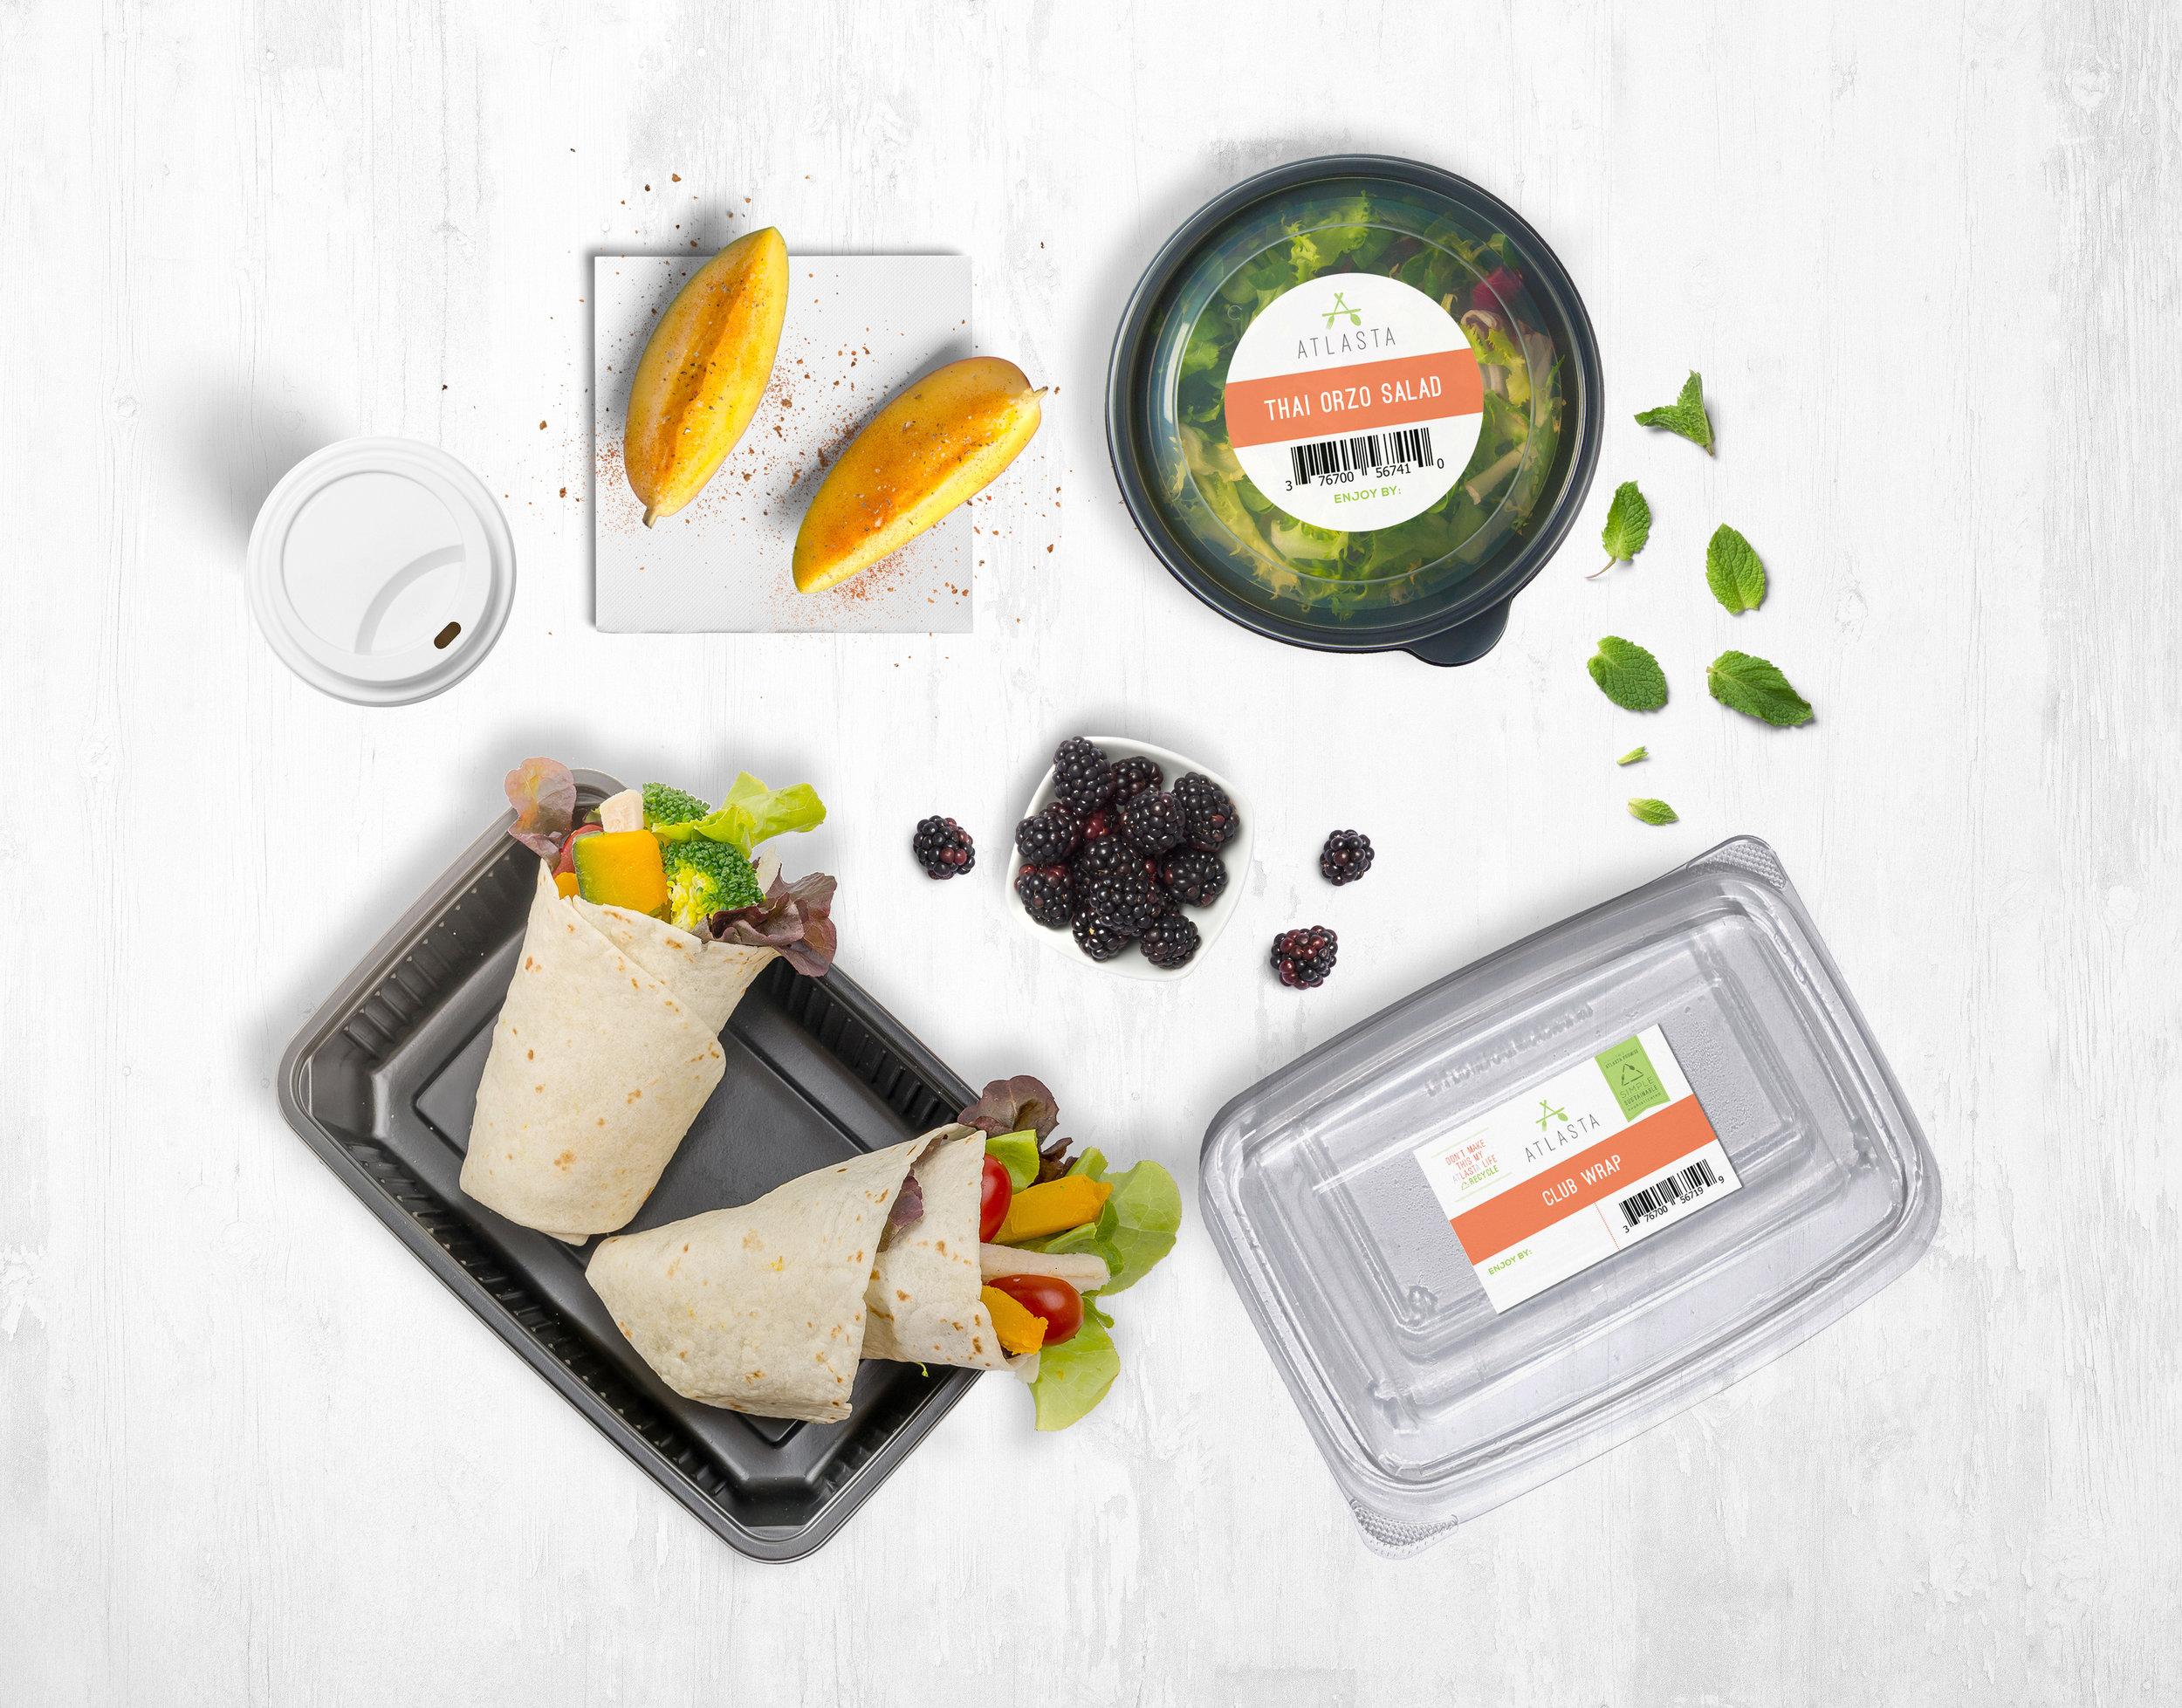 Atlasta Catering Package Design 01.jpg